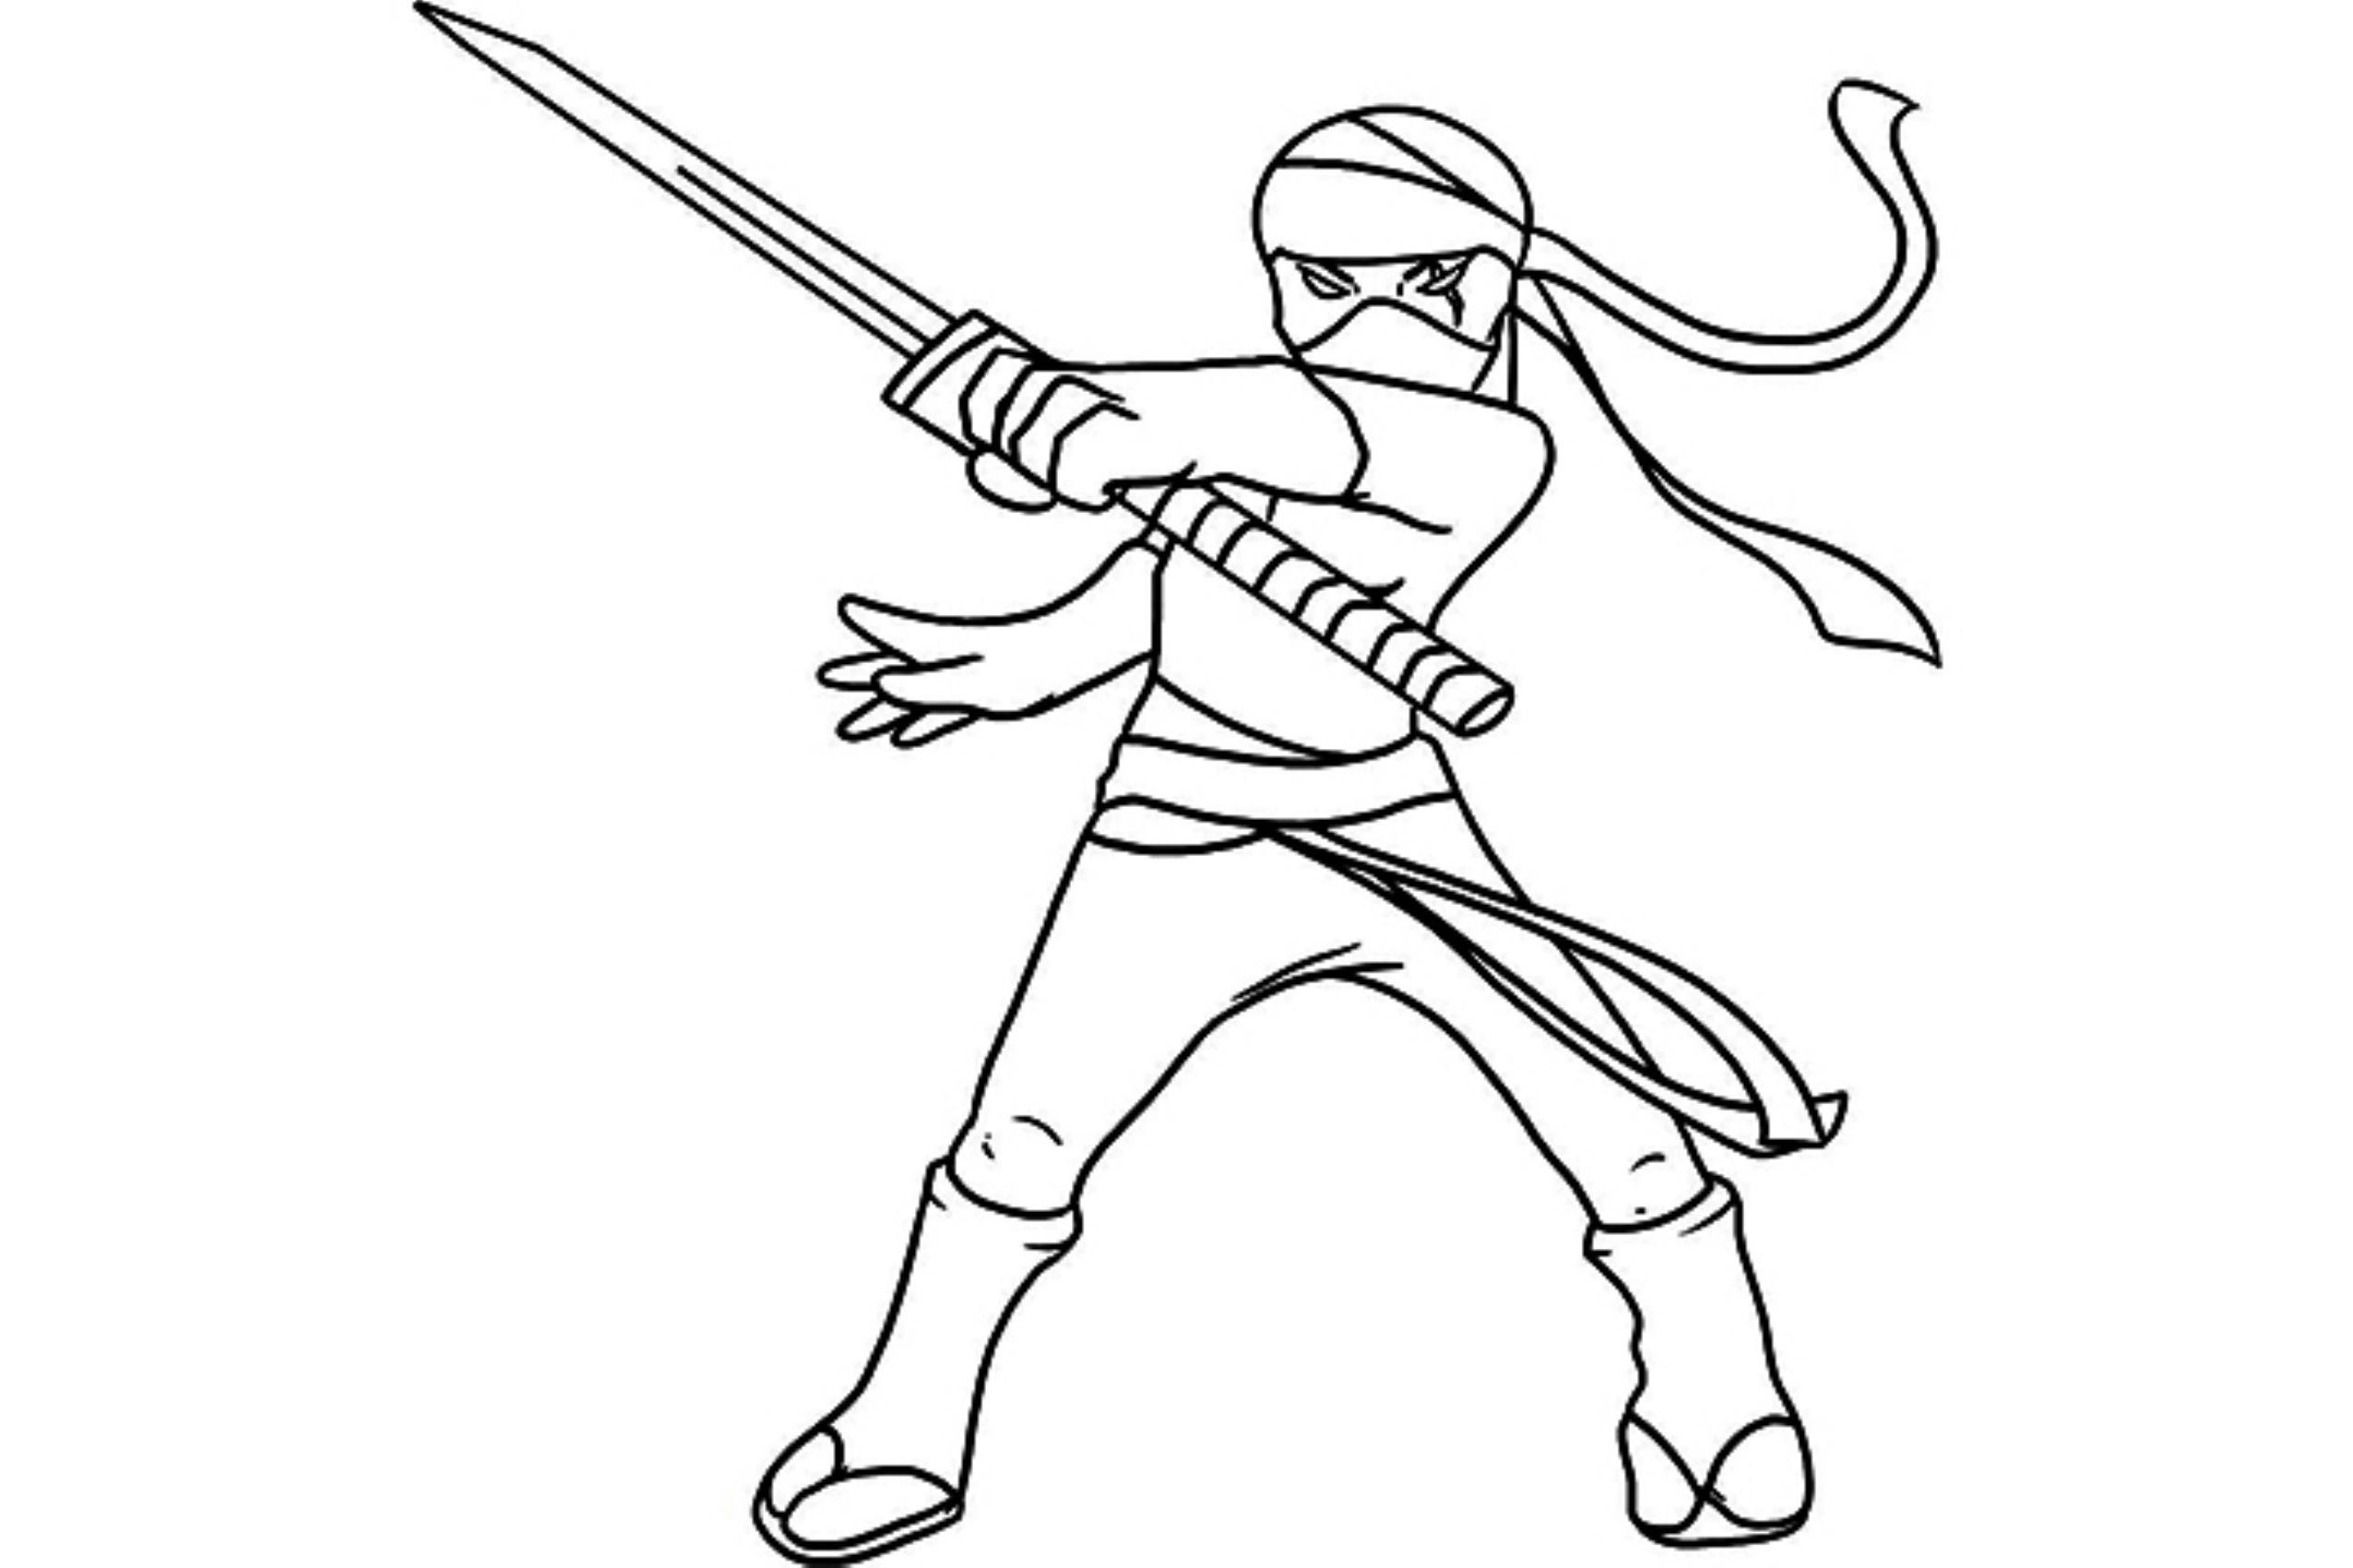 Картинки как нарисовать ниндзя карандашом